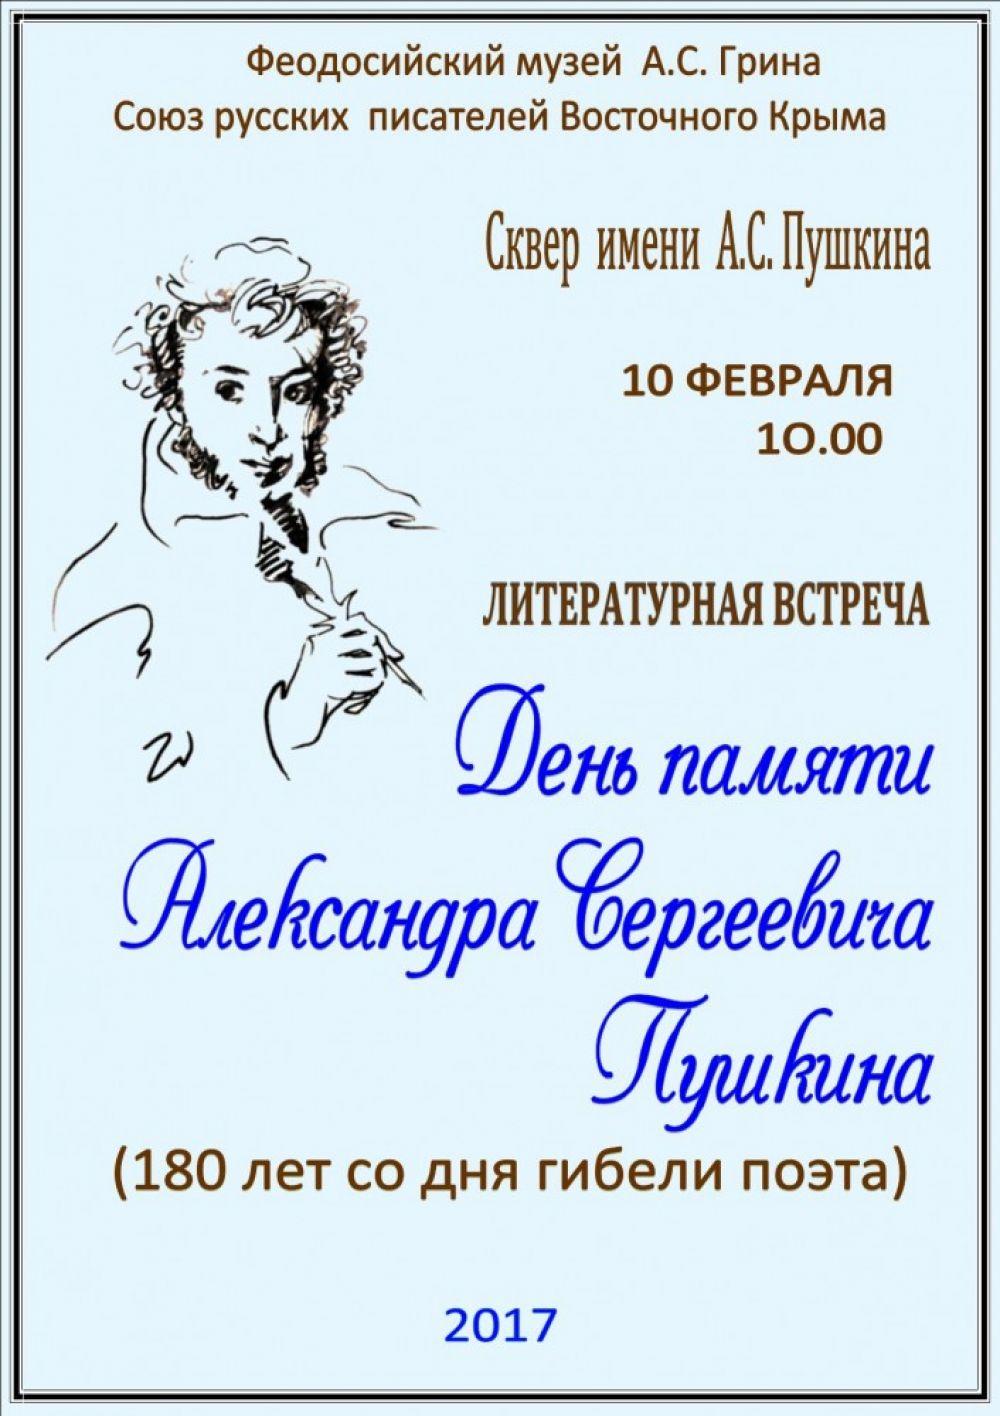 Феодосийцев приглашают на День памяти великого поэта